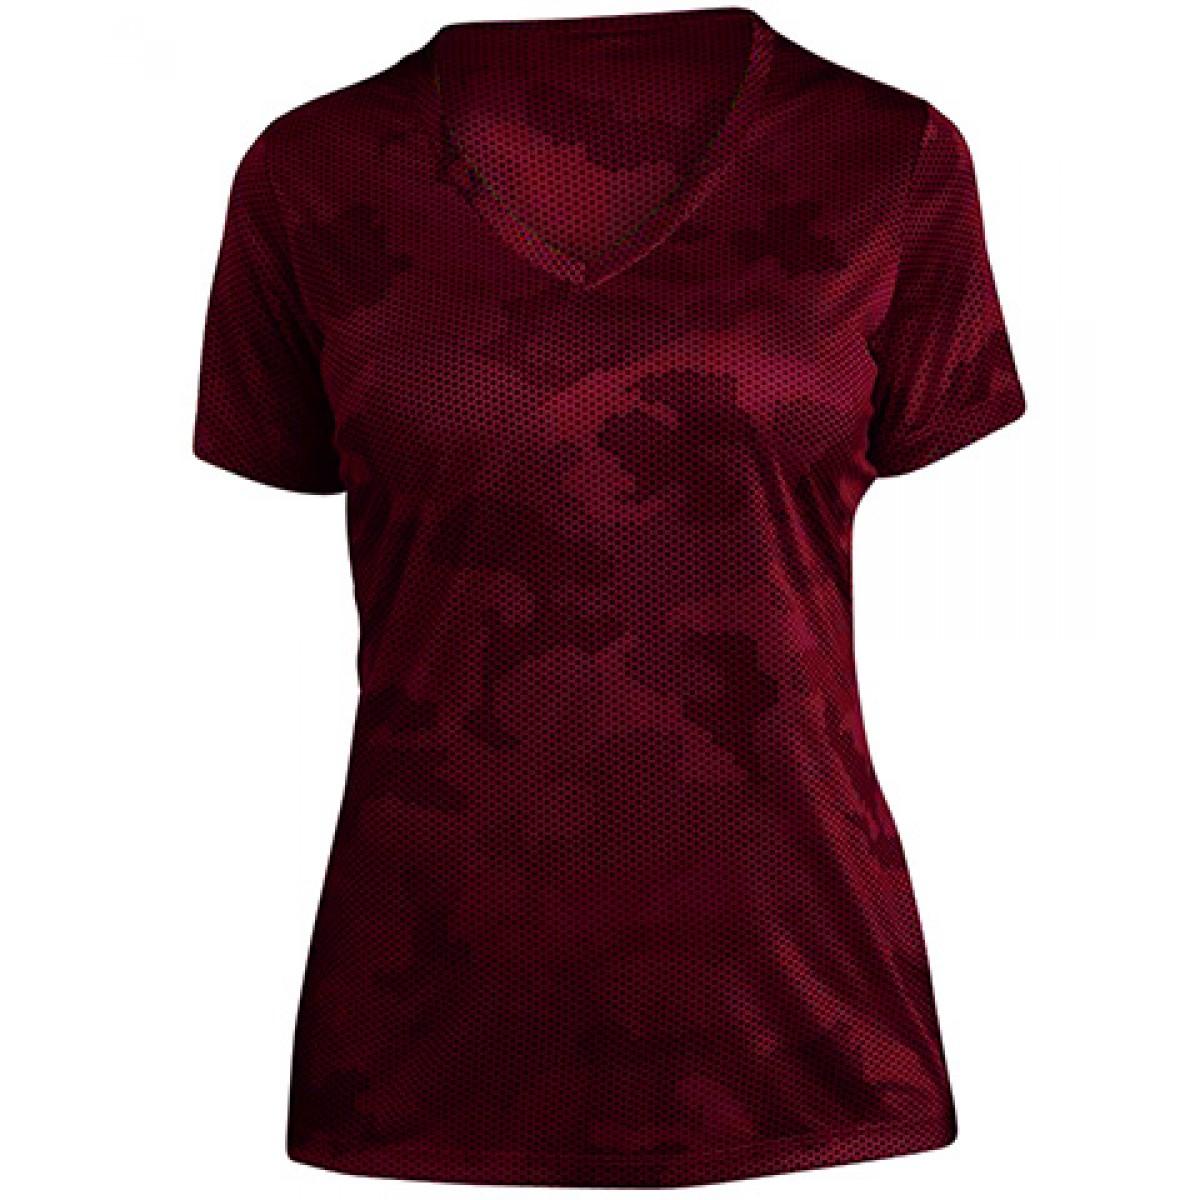 Ladies CamoHex V-Neck Tee-Red-XS